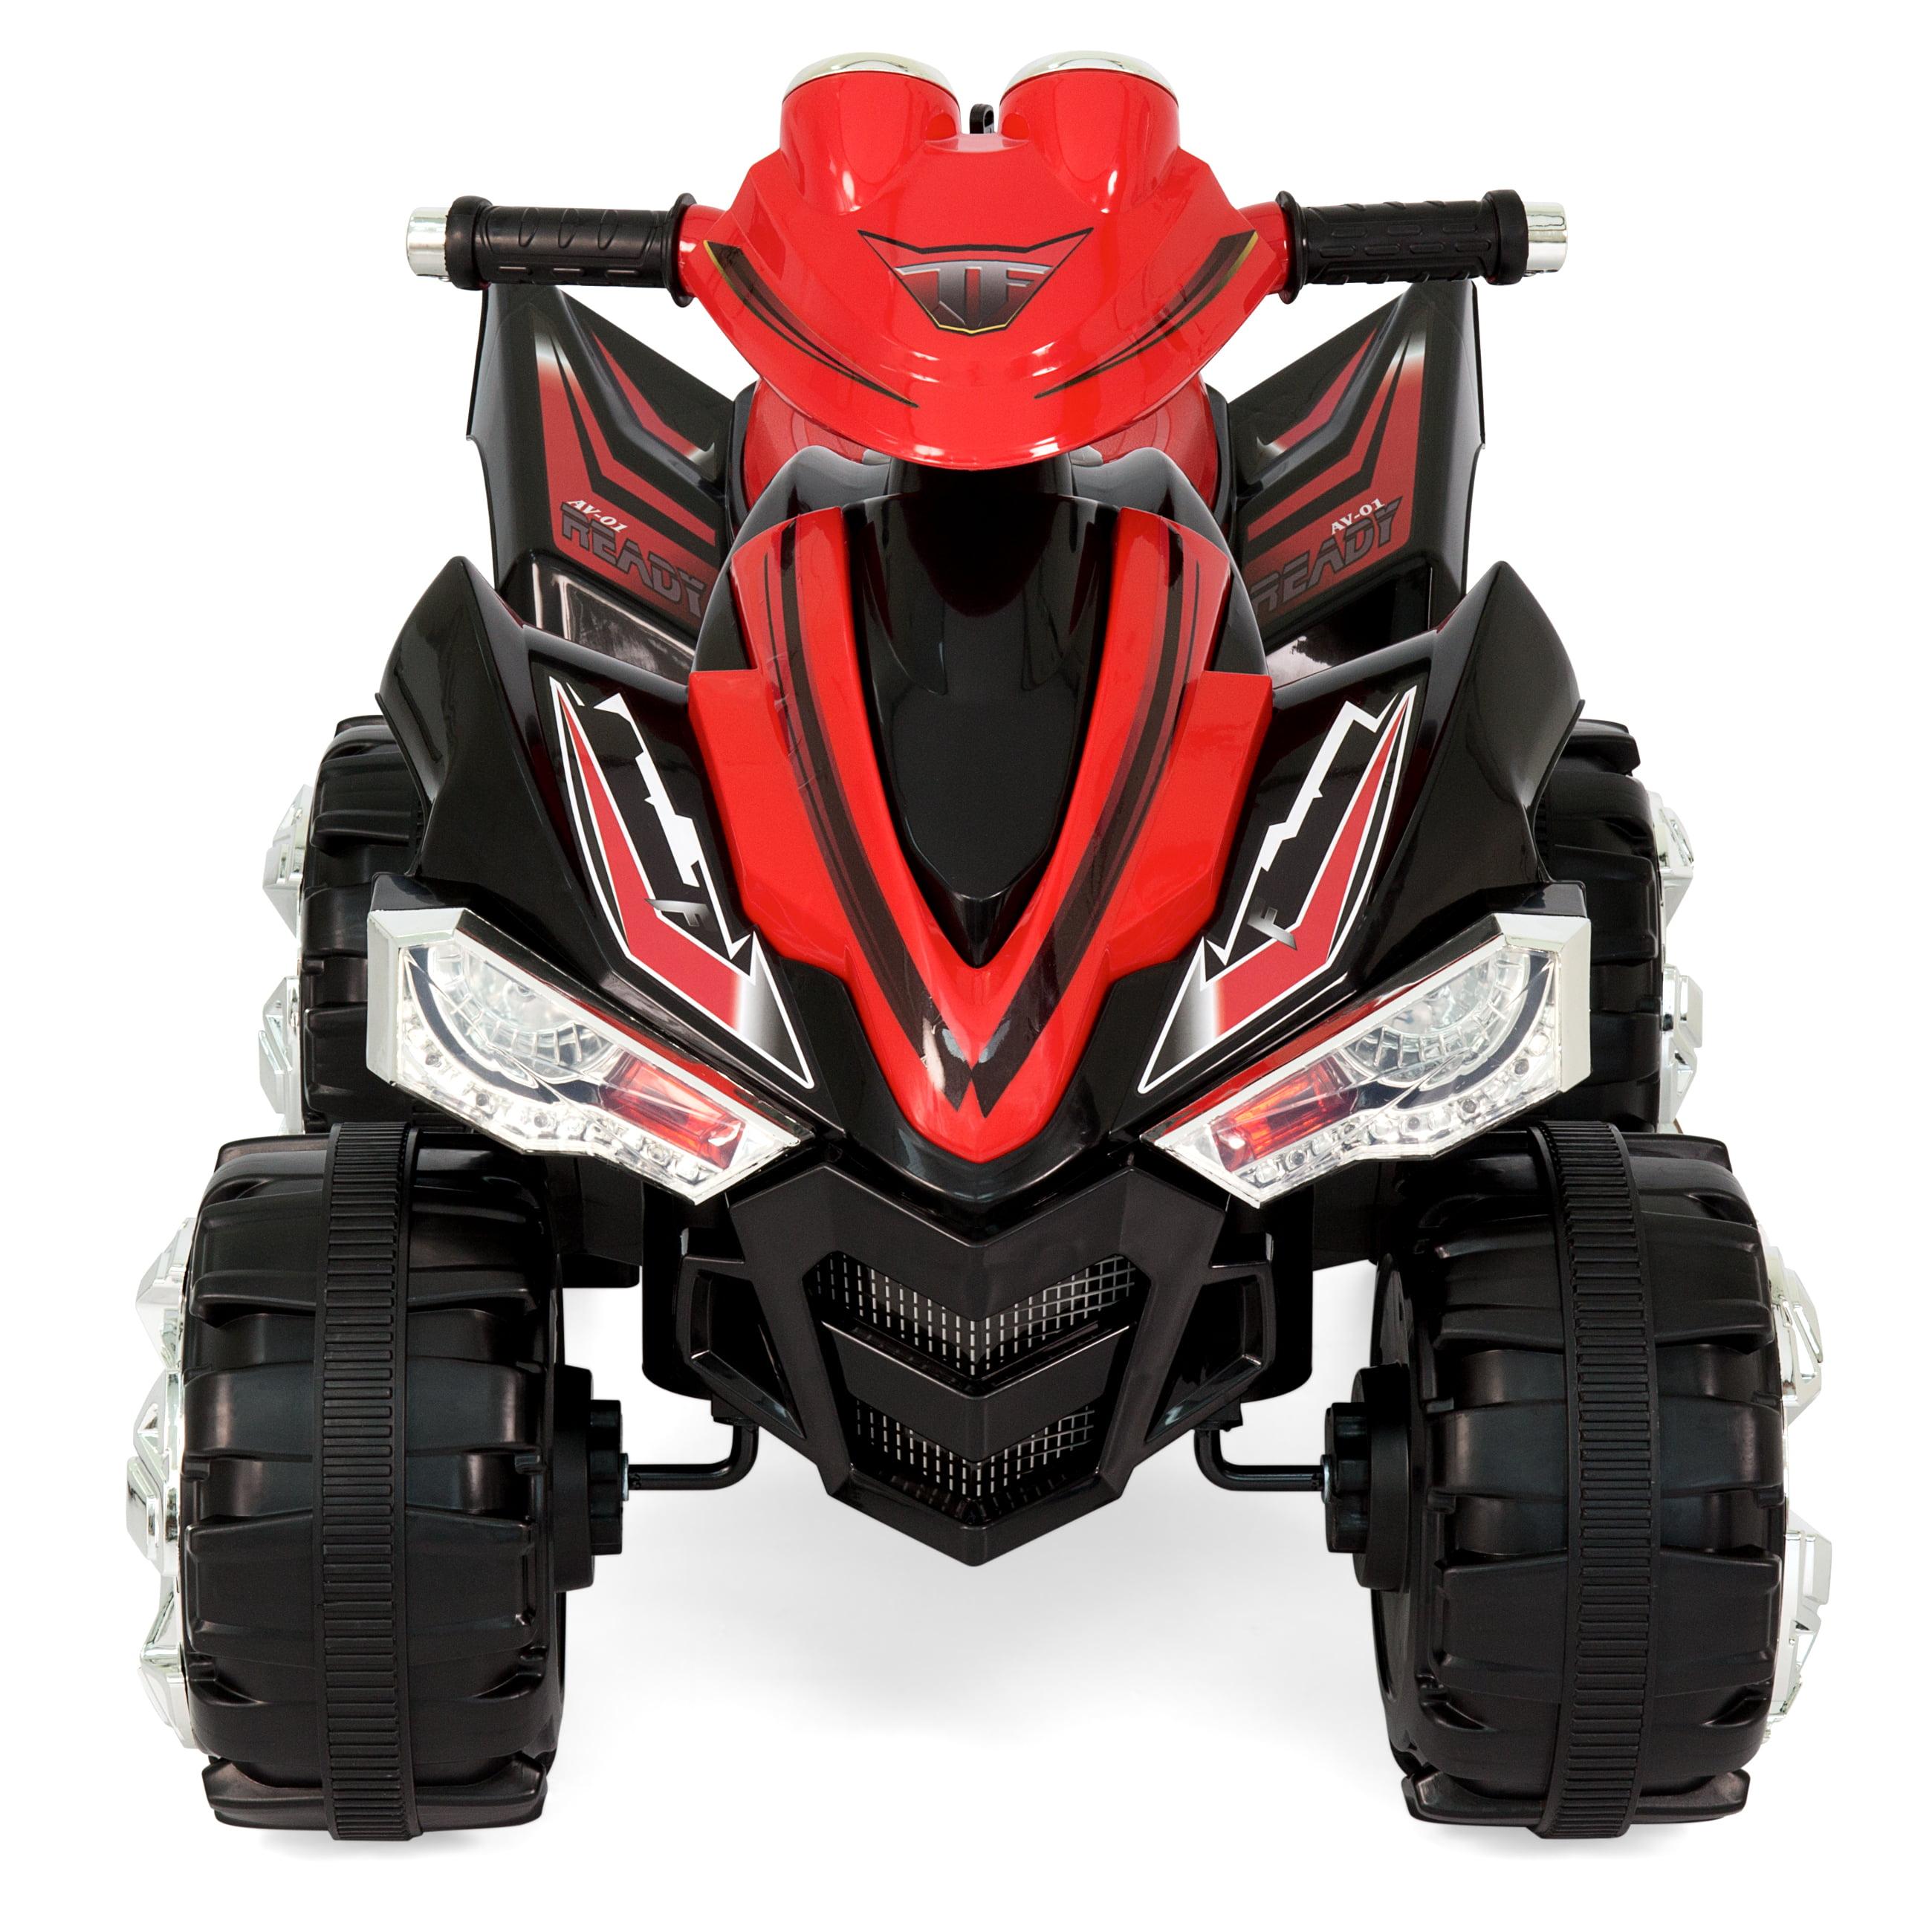 Kids Ride ATV Quad 4 Wheeler 12V Battery Power Electric